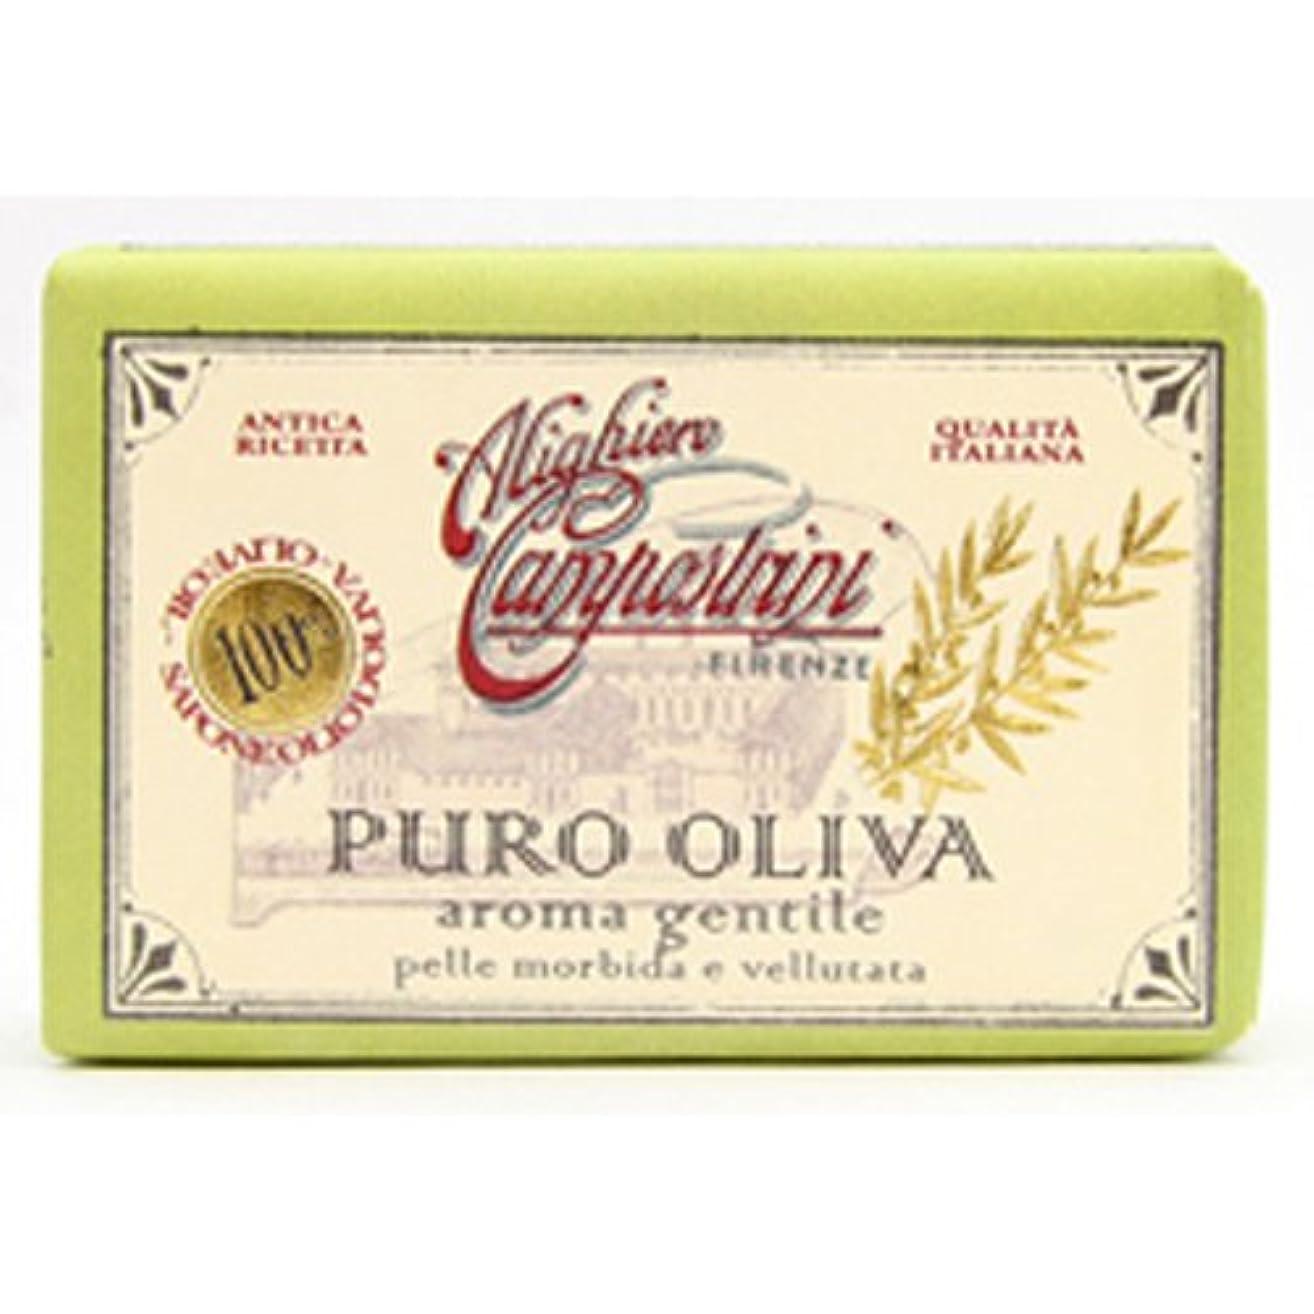 人口黙労苦Saponerire Fissi サポネリーフィッシー PURO OLIVA Soap オリーブオイル ピュロ ソープ Aroma gentile ジェントル(グリーン)